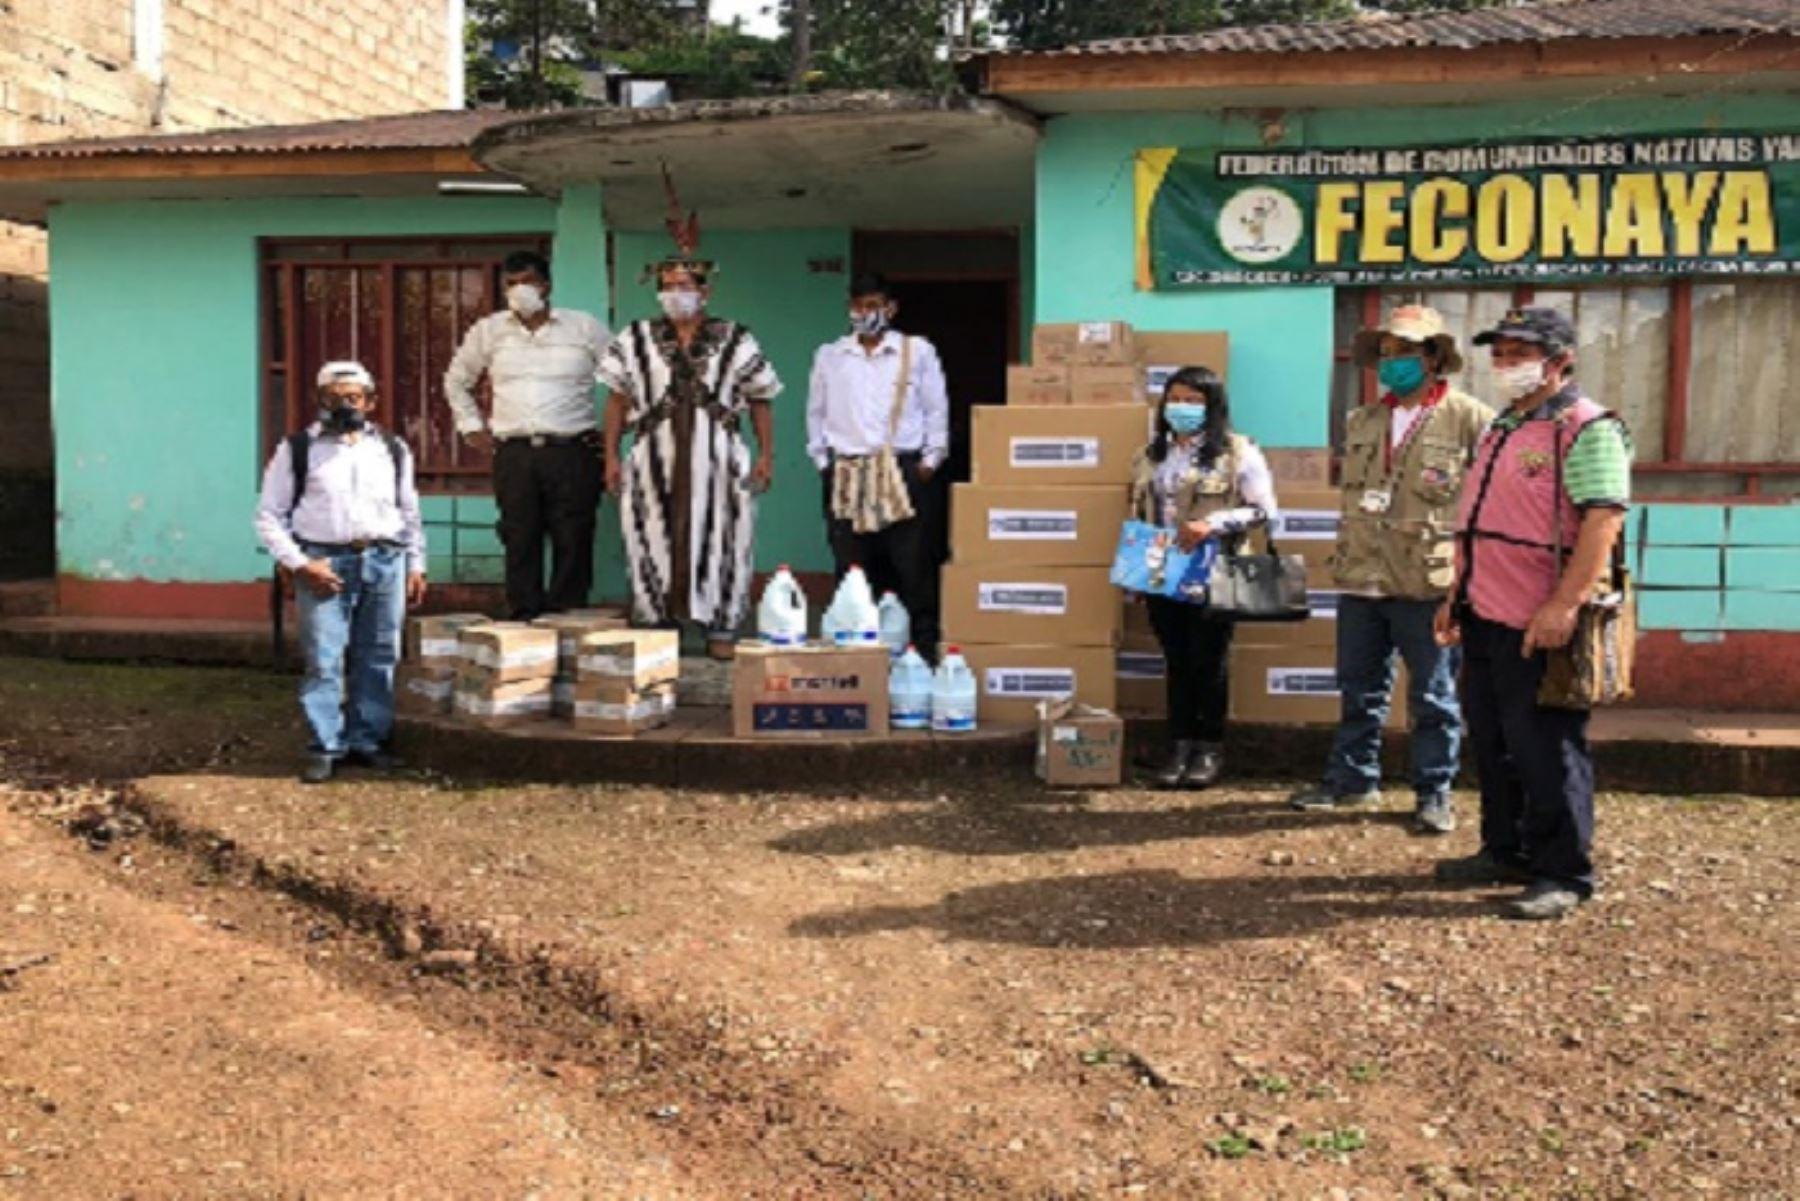 En la región Pasco existen 212 localidades indígenas amazónicas, donde viven 24,484 personas aproximadamente.